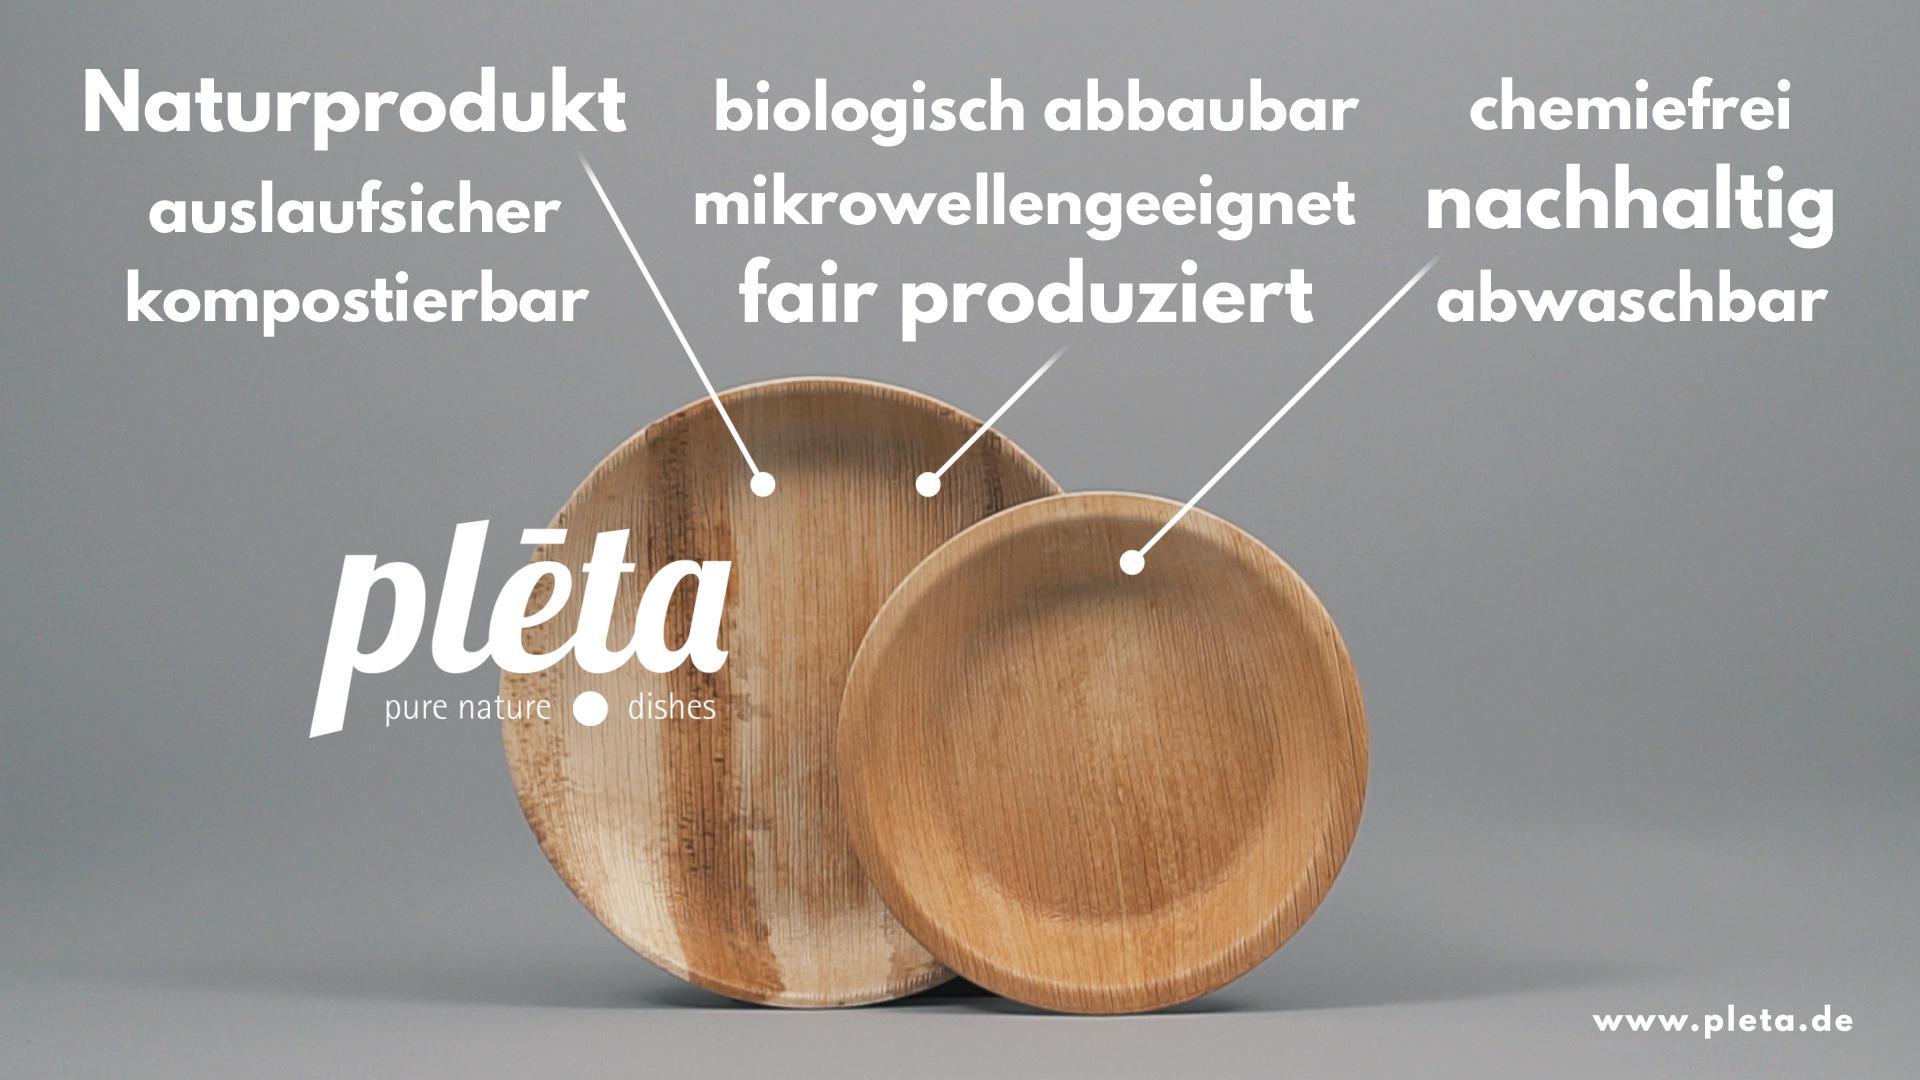 Naturprodukt, auslaufsicher, kompostierbar, biologisch abbaubar, mikrowellengeeignet, fair produziert, chemiefrei, nachhaltig und abwaschbar